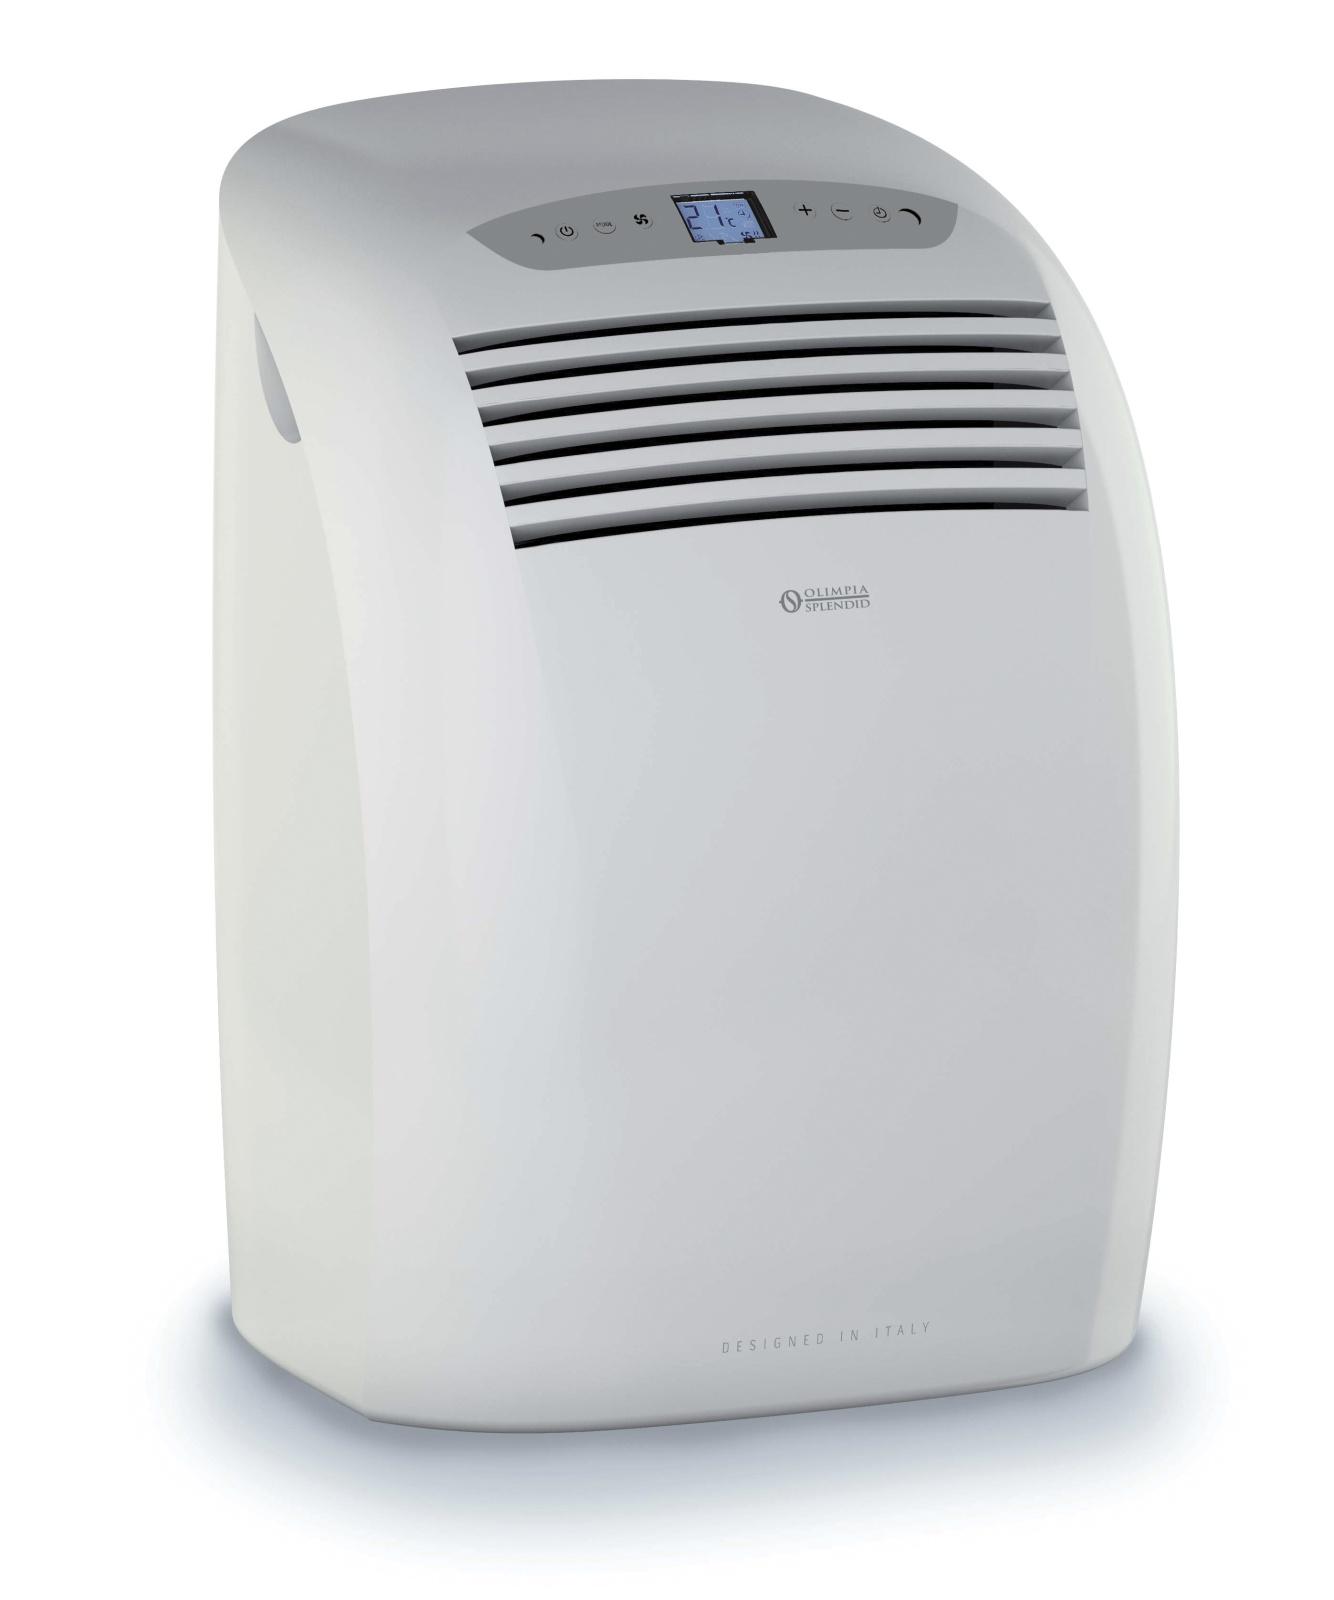 Mobilní klimatizace Olimpia Splendid Nano Silent + Prodloužená záruka 3 roky + ZDARMA SERVIS bez starostí